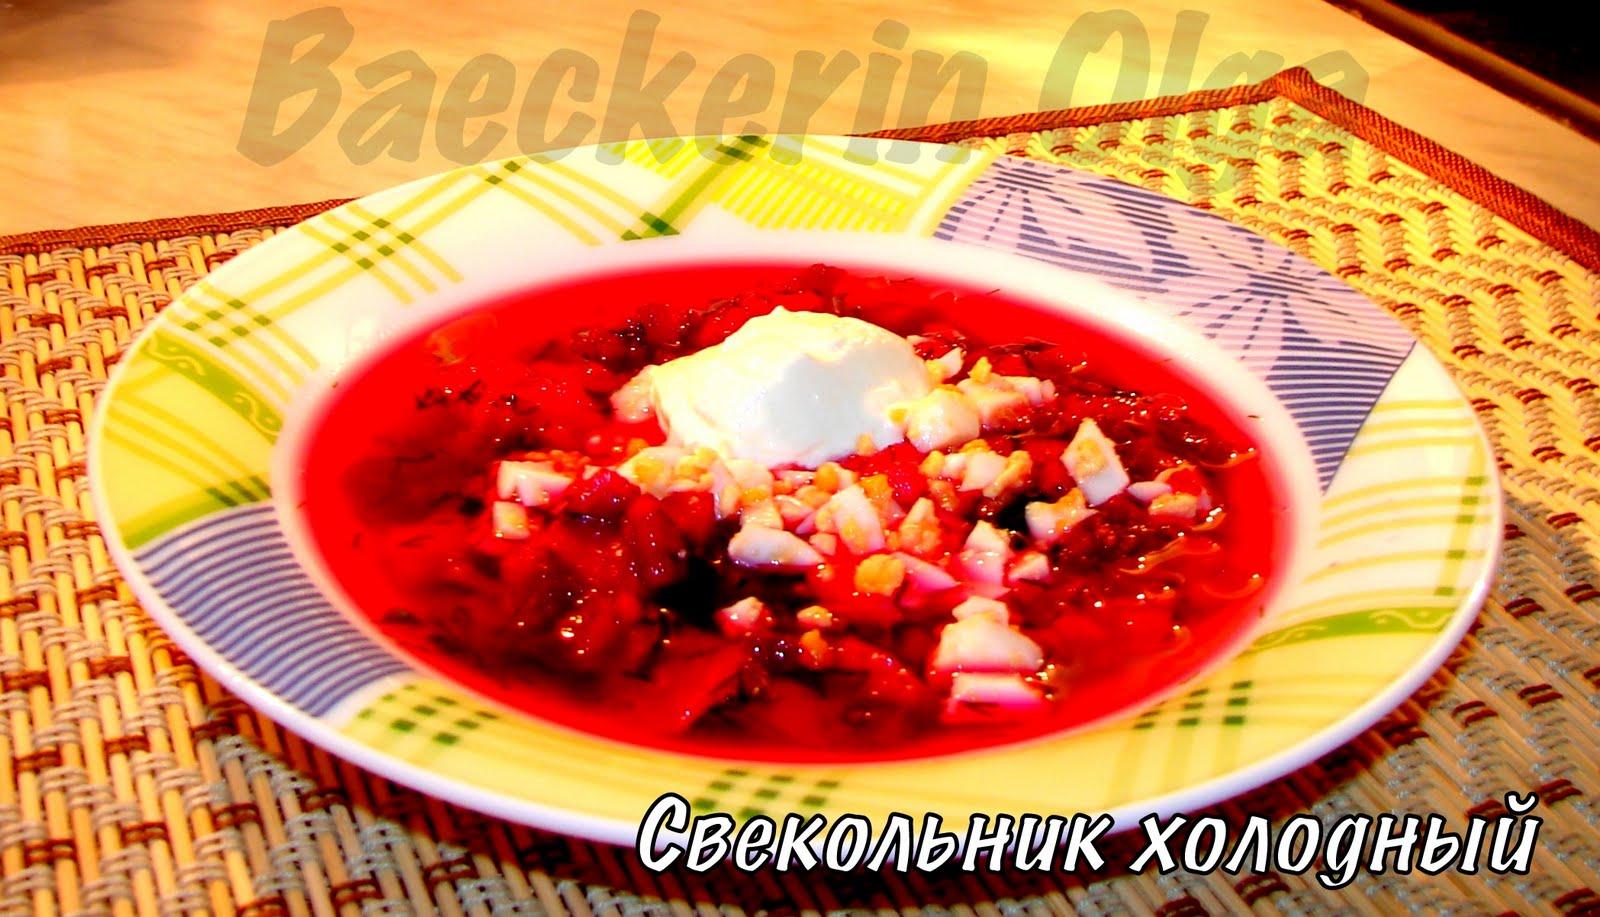 Холодный борщ литовский рецепт пошагово в